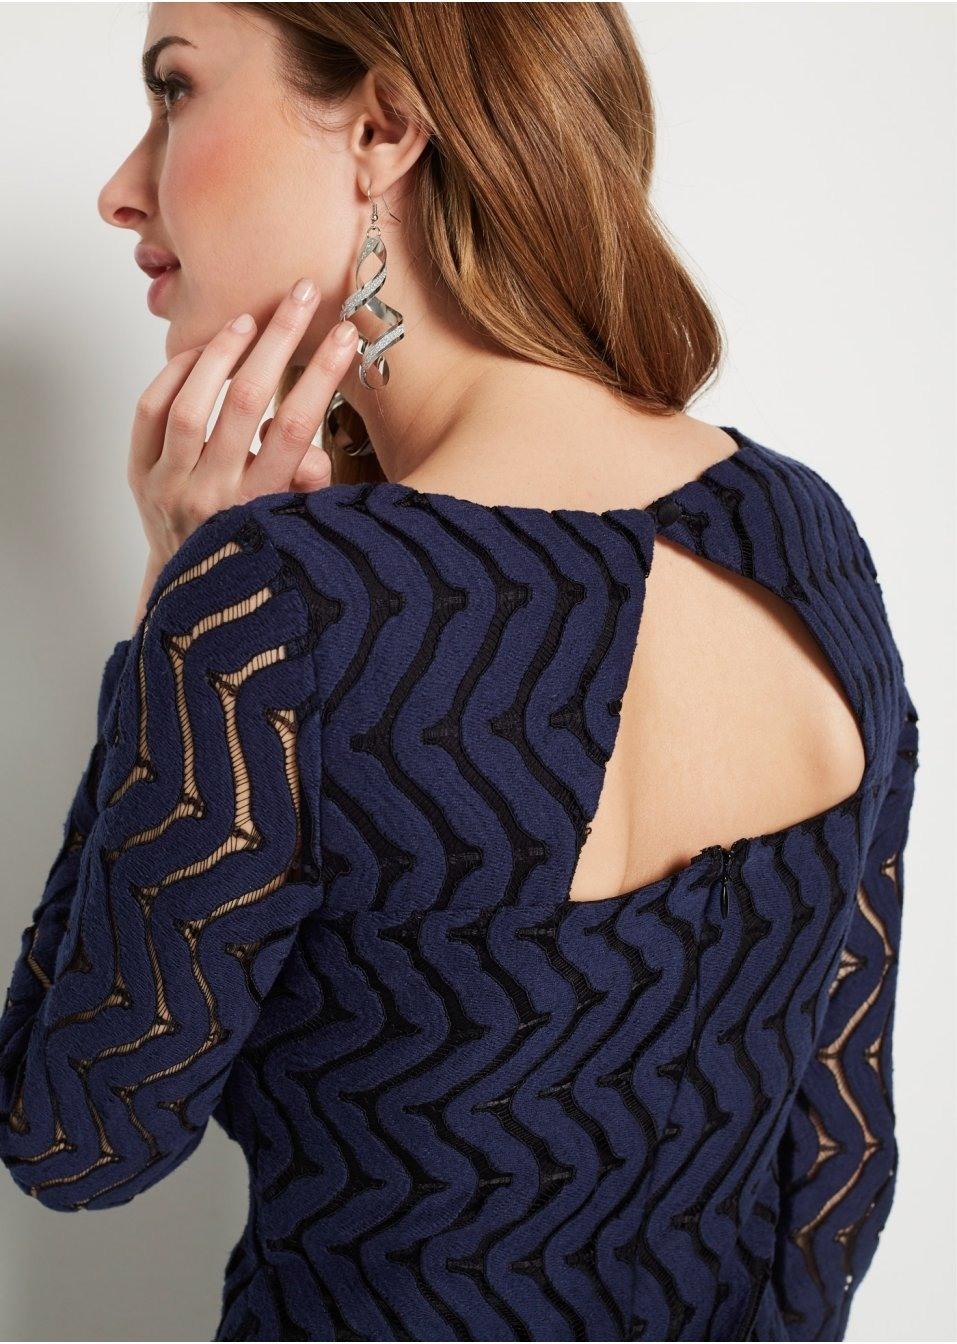 Abend Einfach Spitzenkleid Blau Langarm Galerie15 Cool Spitzenkleid Blau Langarm Boutique